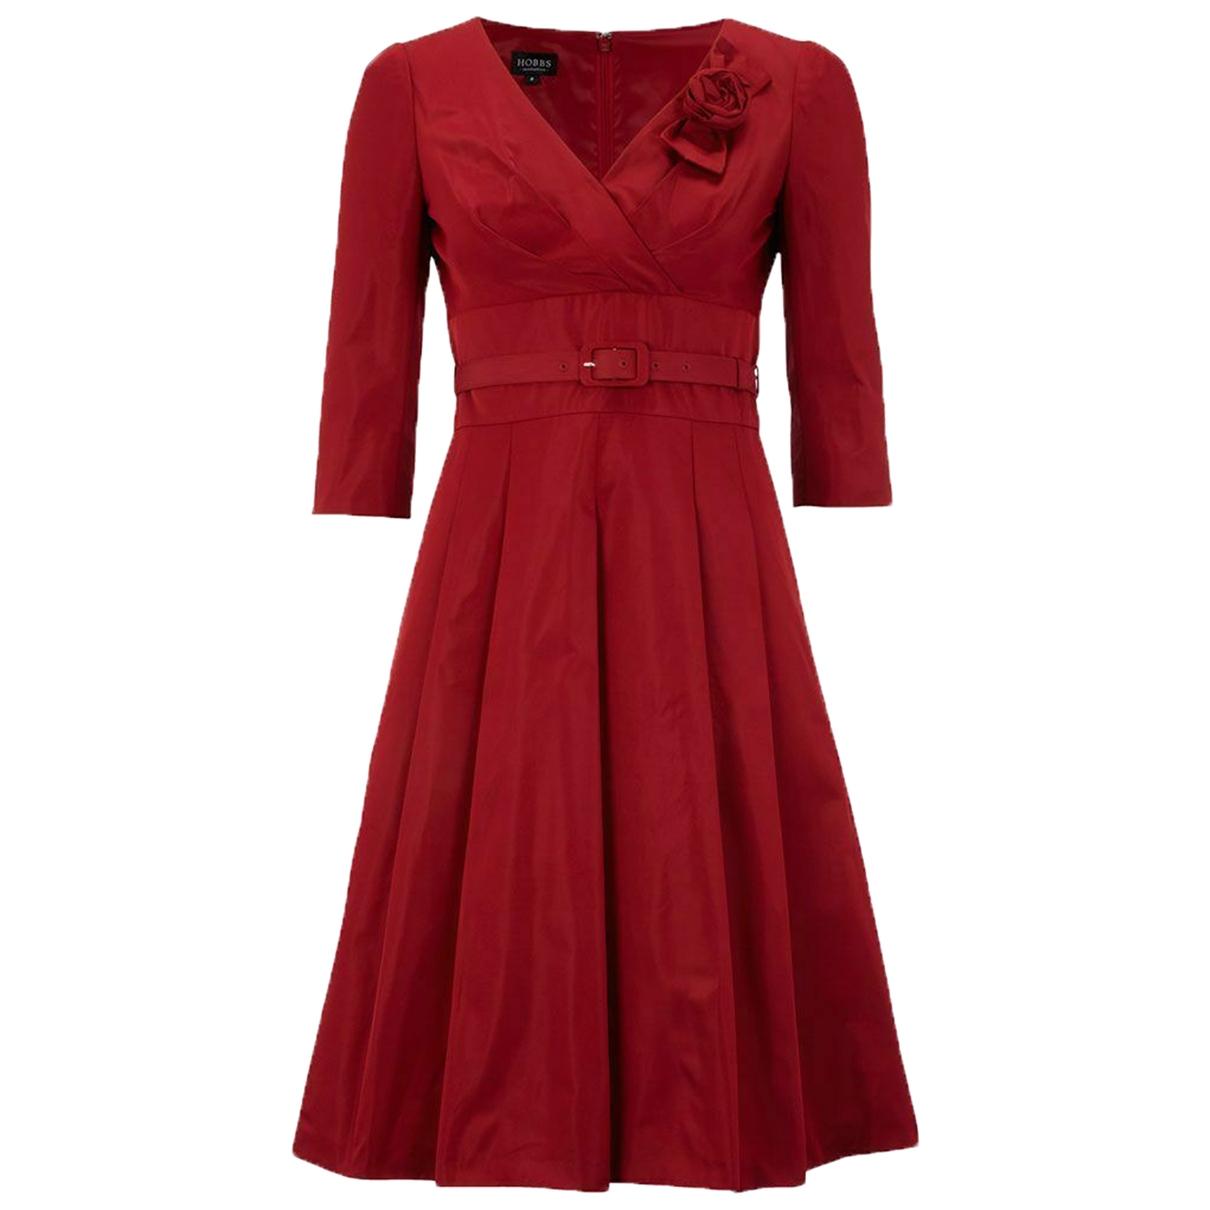 Hobbs \N Kleid in  Rot Polyester